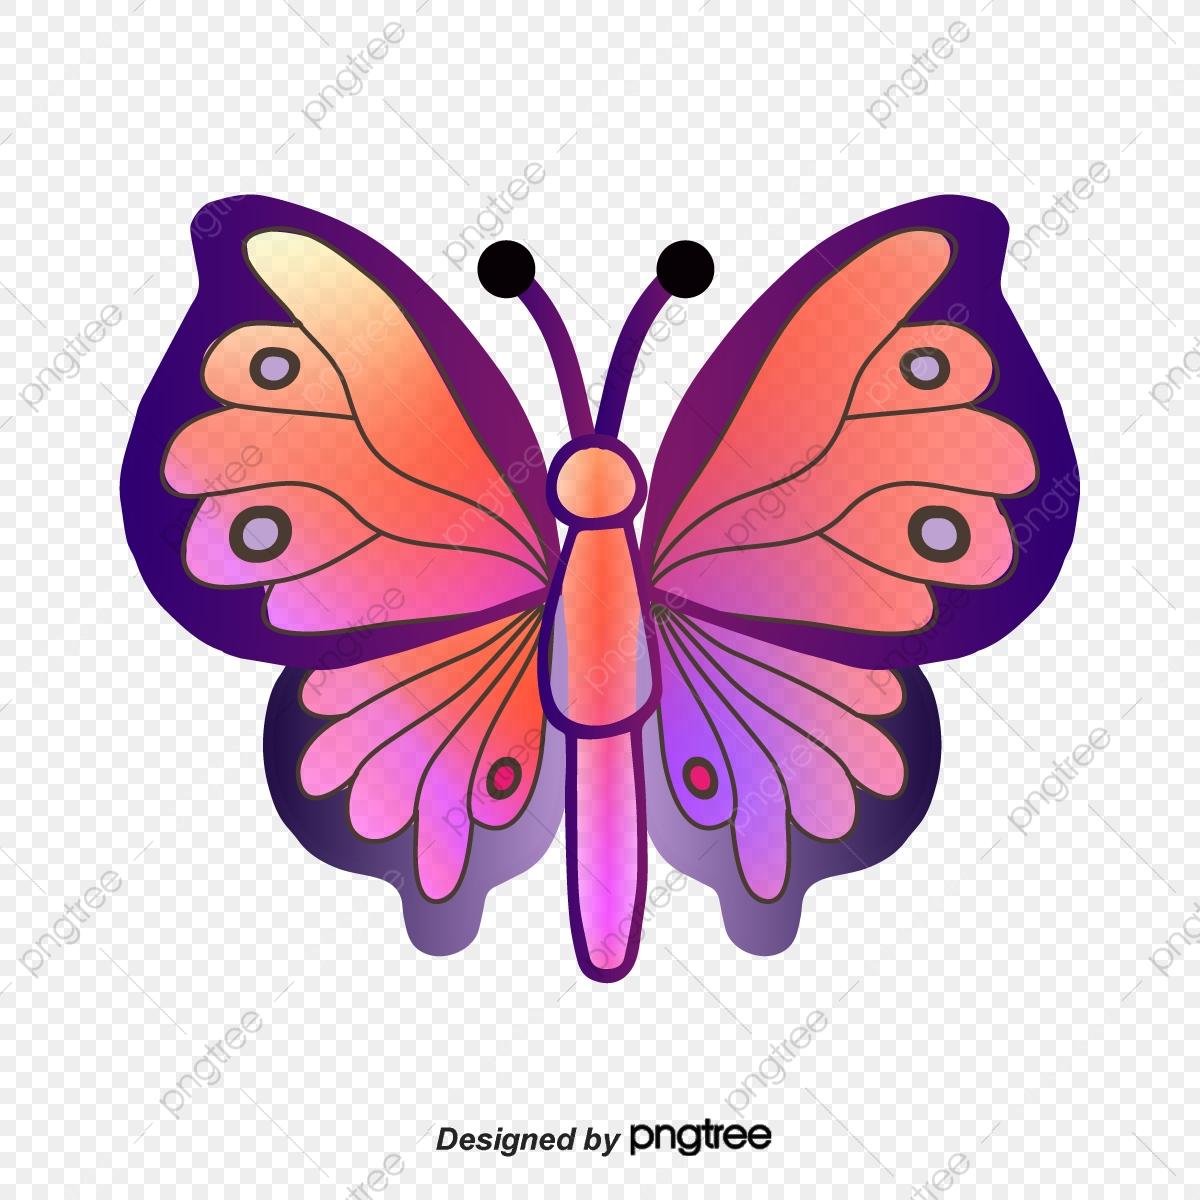 Butterfly clipart cartoon. Gradual clip art hand